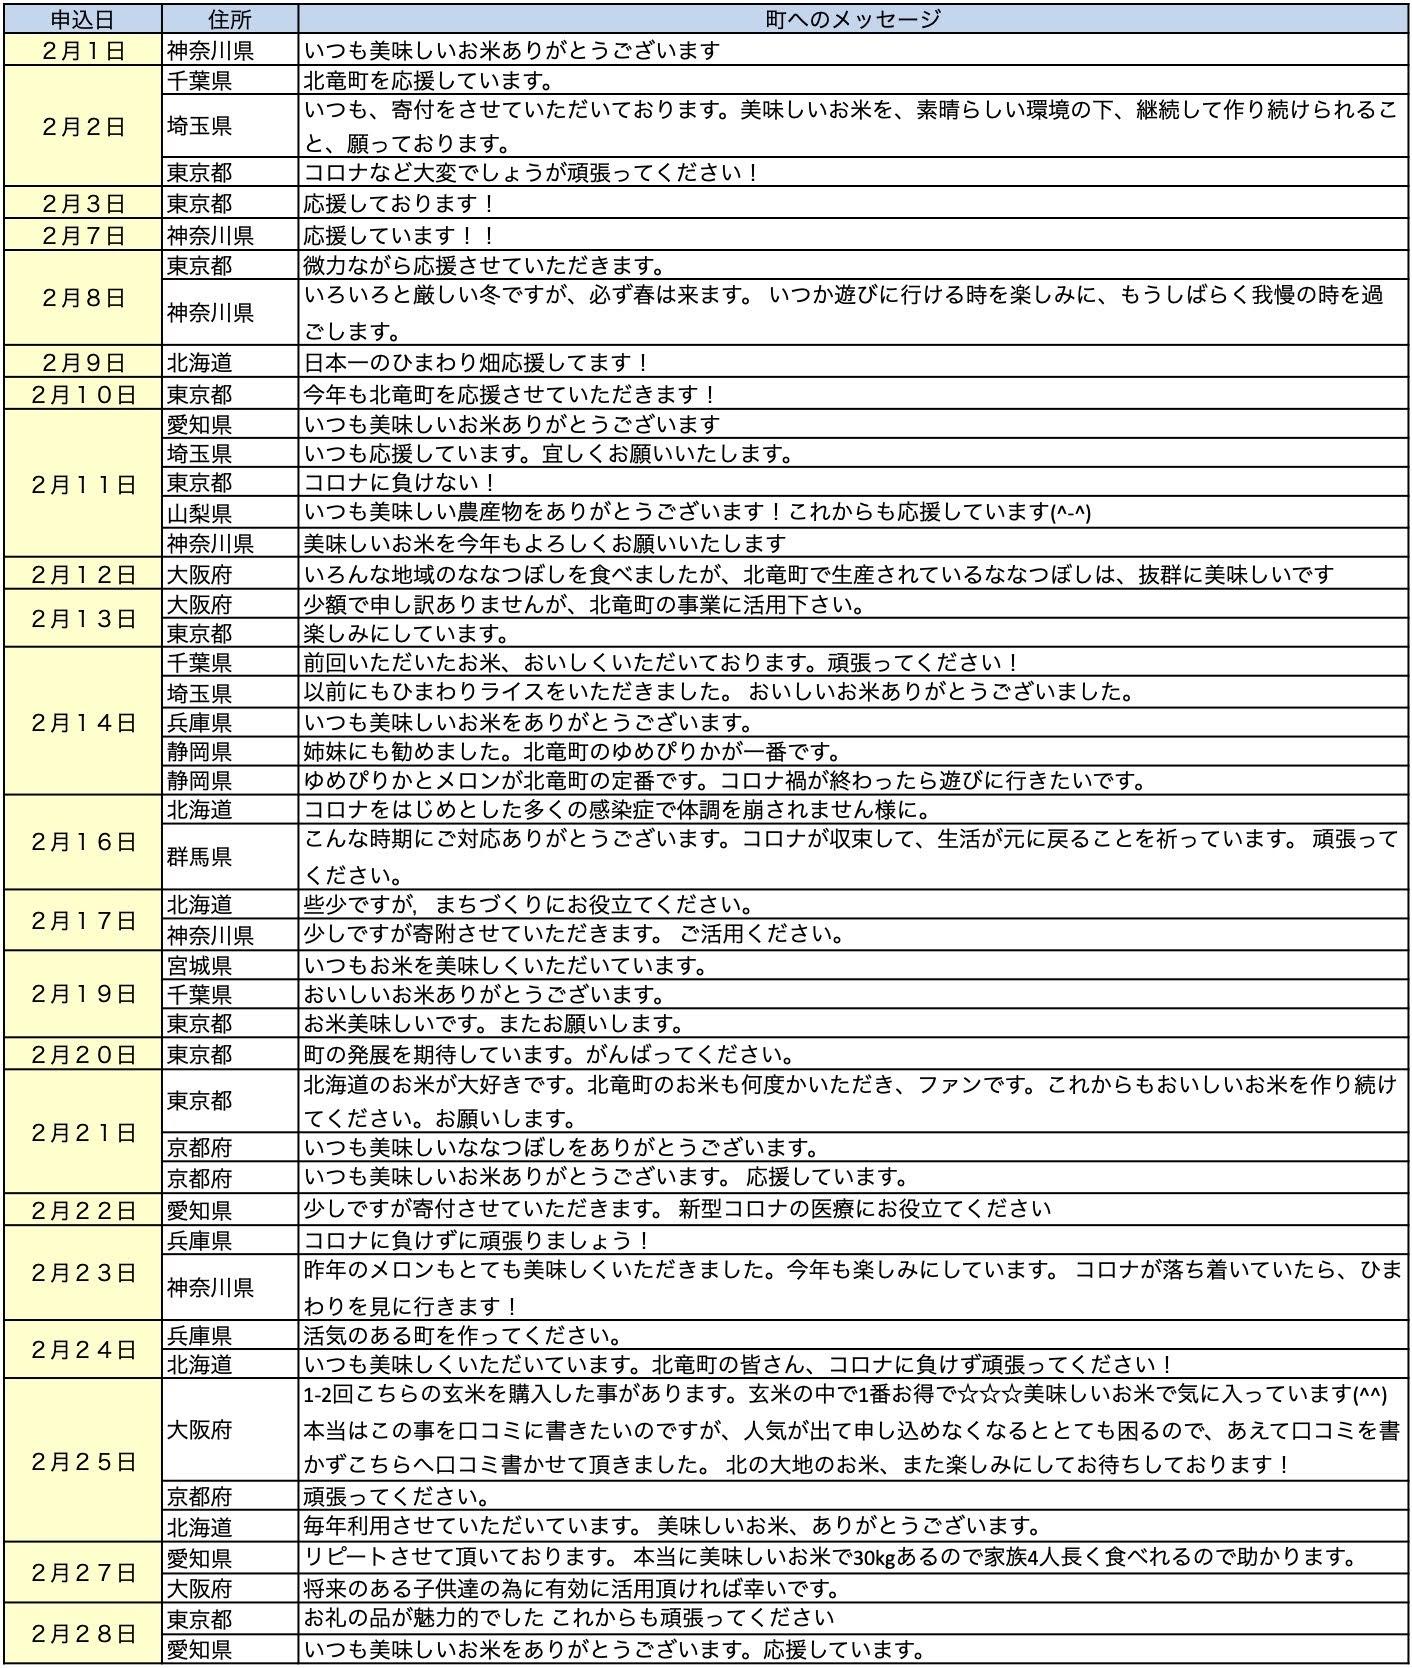 北竜町ふるさと納税・応援メッセージ(2021年2月分)1ページ